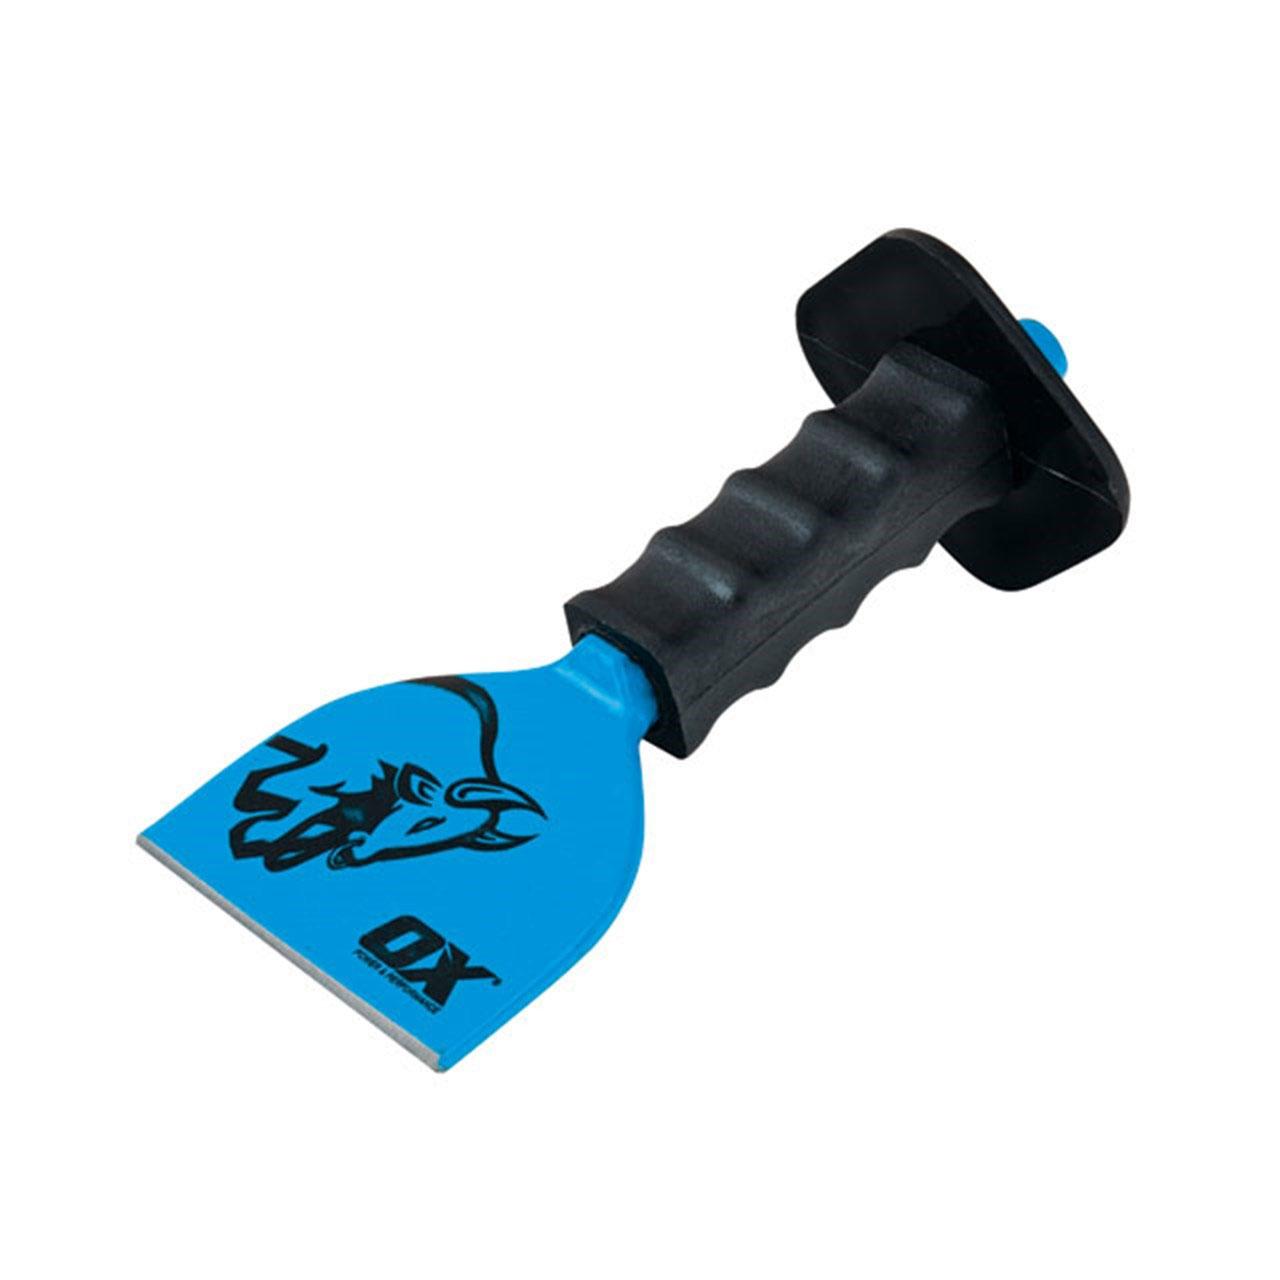 Huggmejsel med Skyddshandtag OX Tools